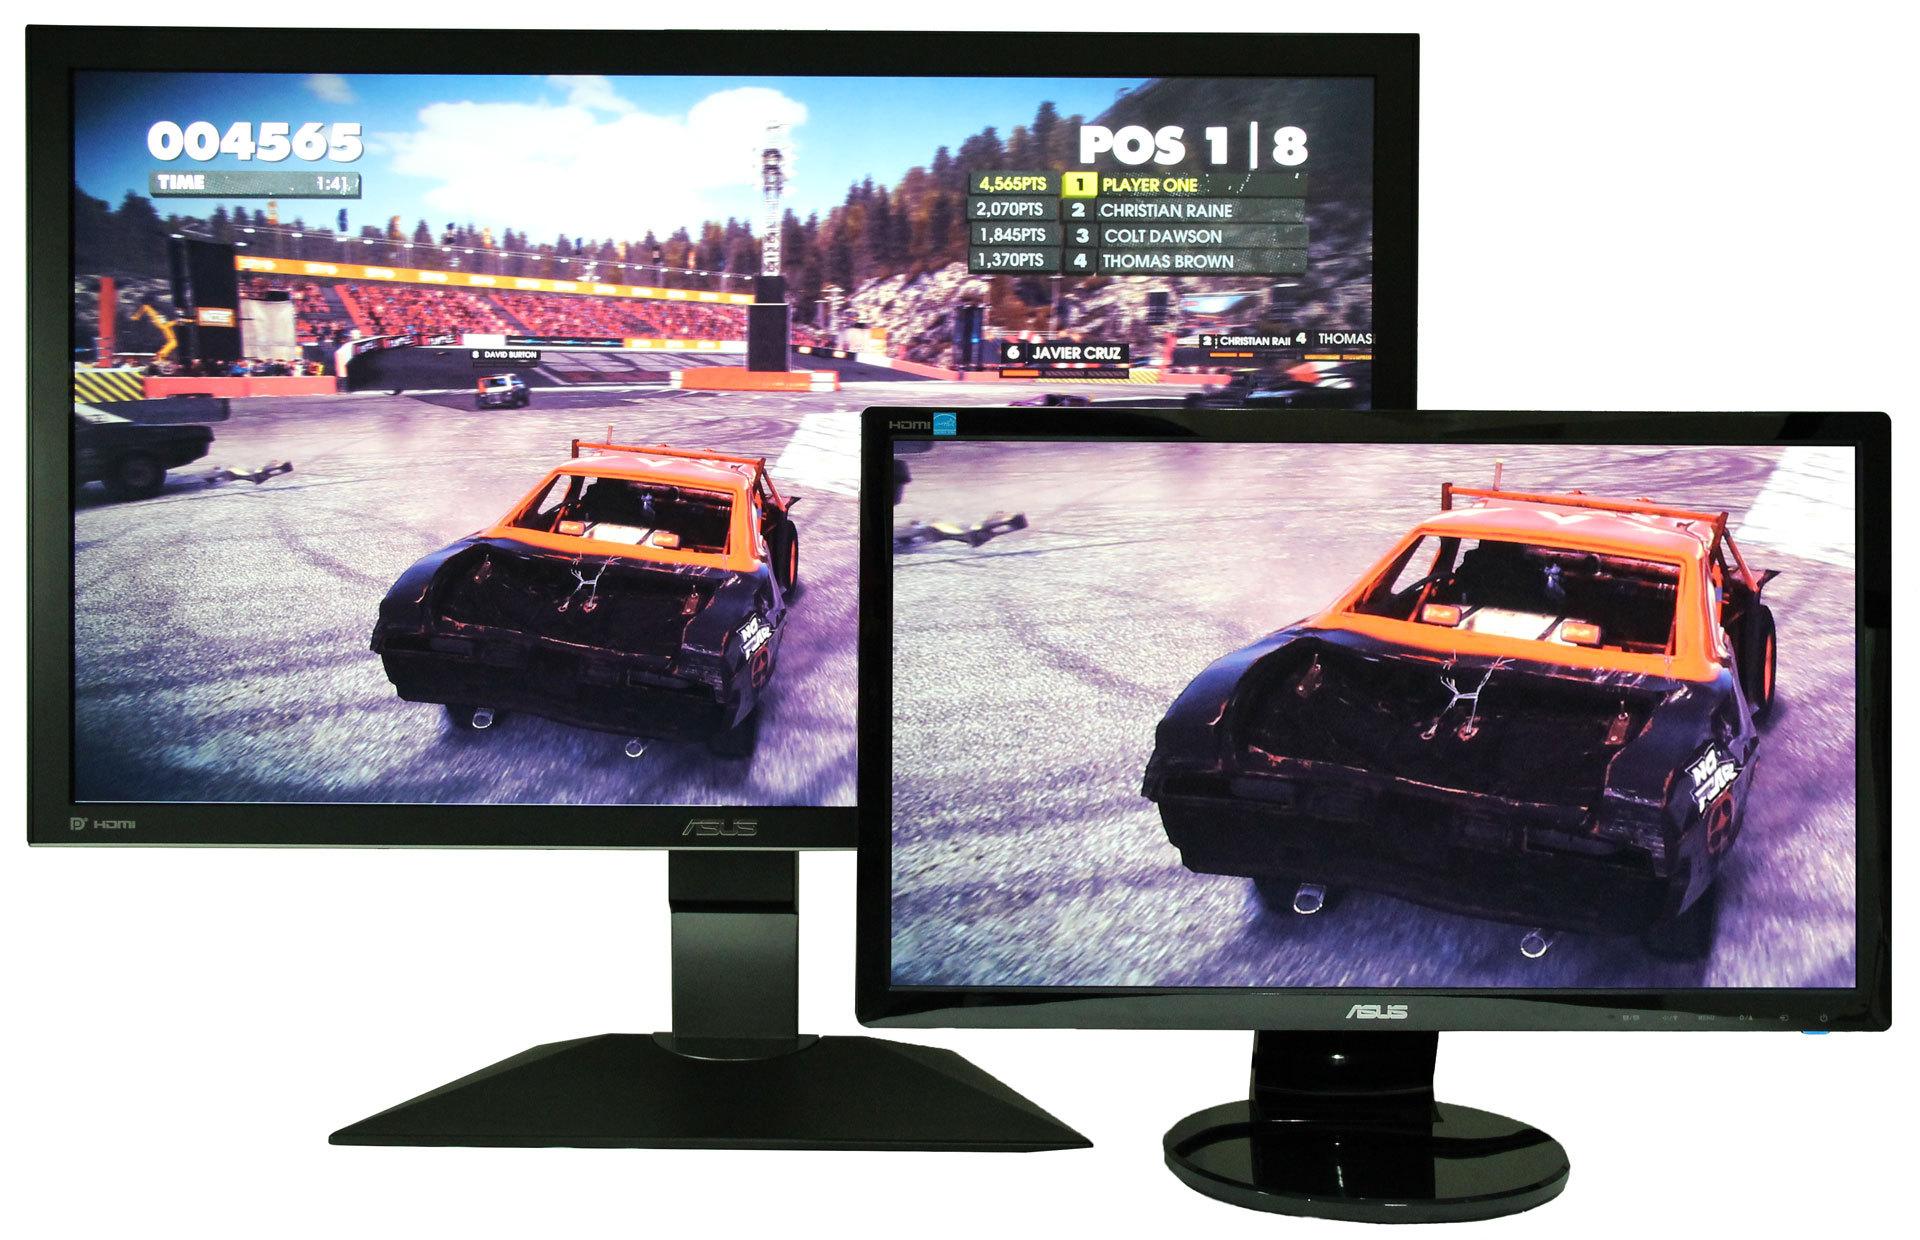 4k display monitor